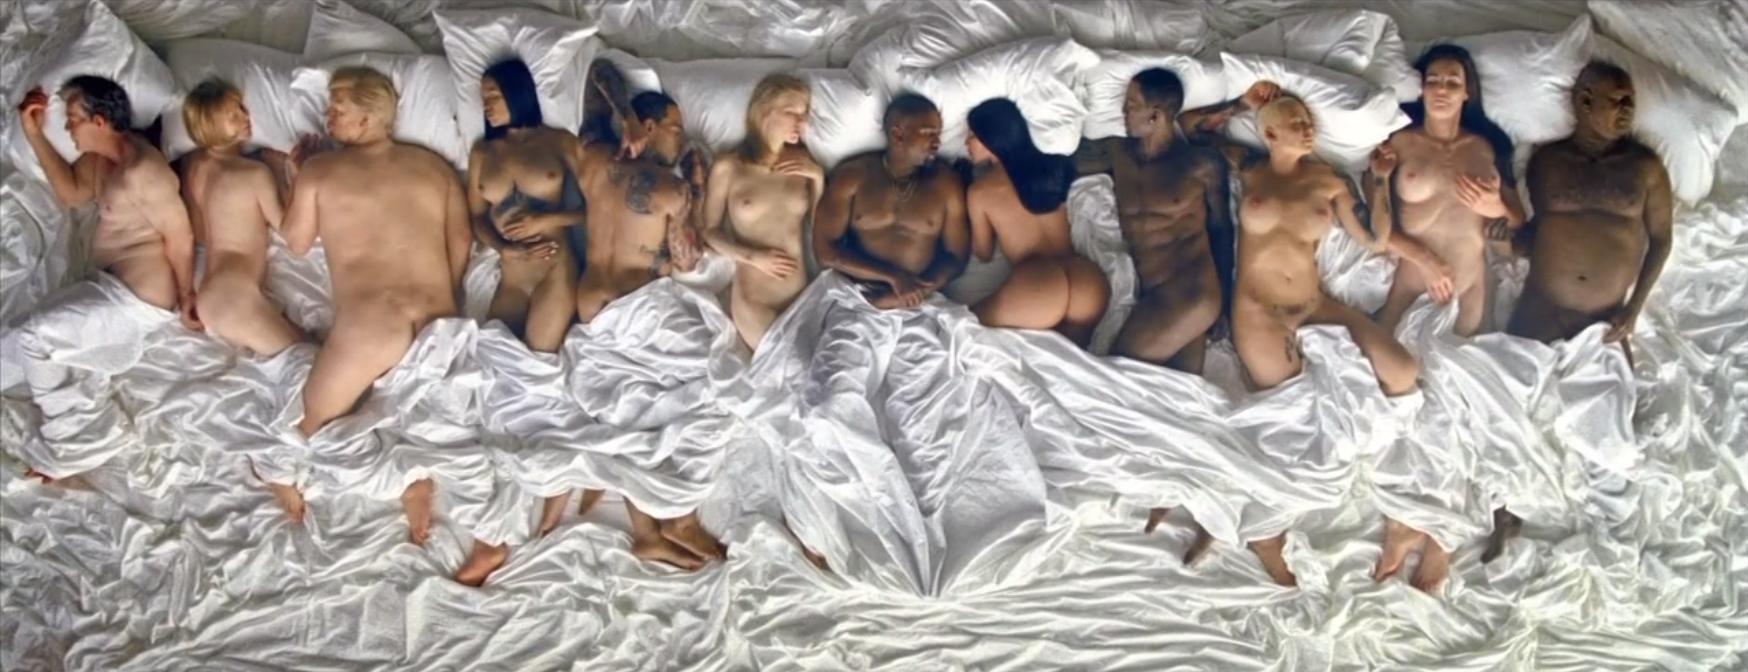 Kim-Kardashian-Ass-Rihanna-Tits